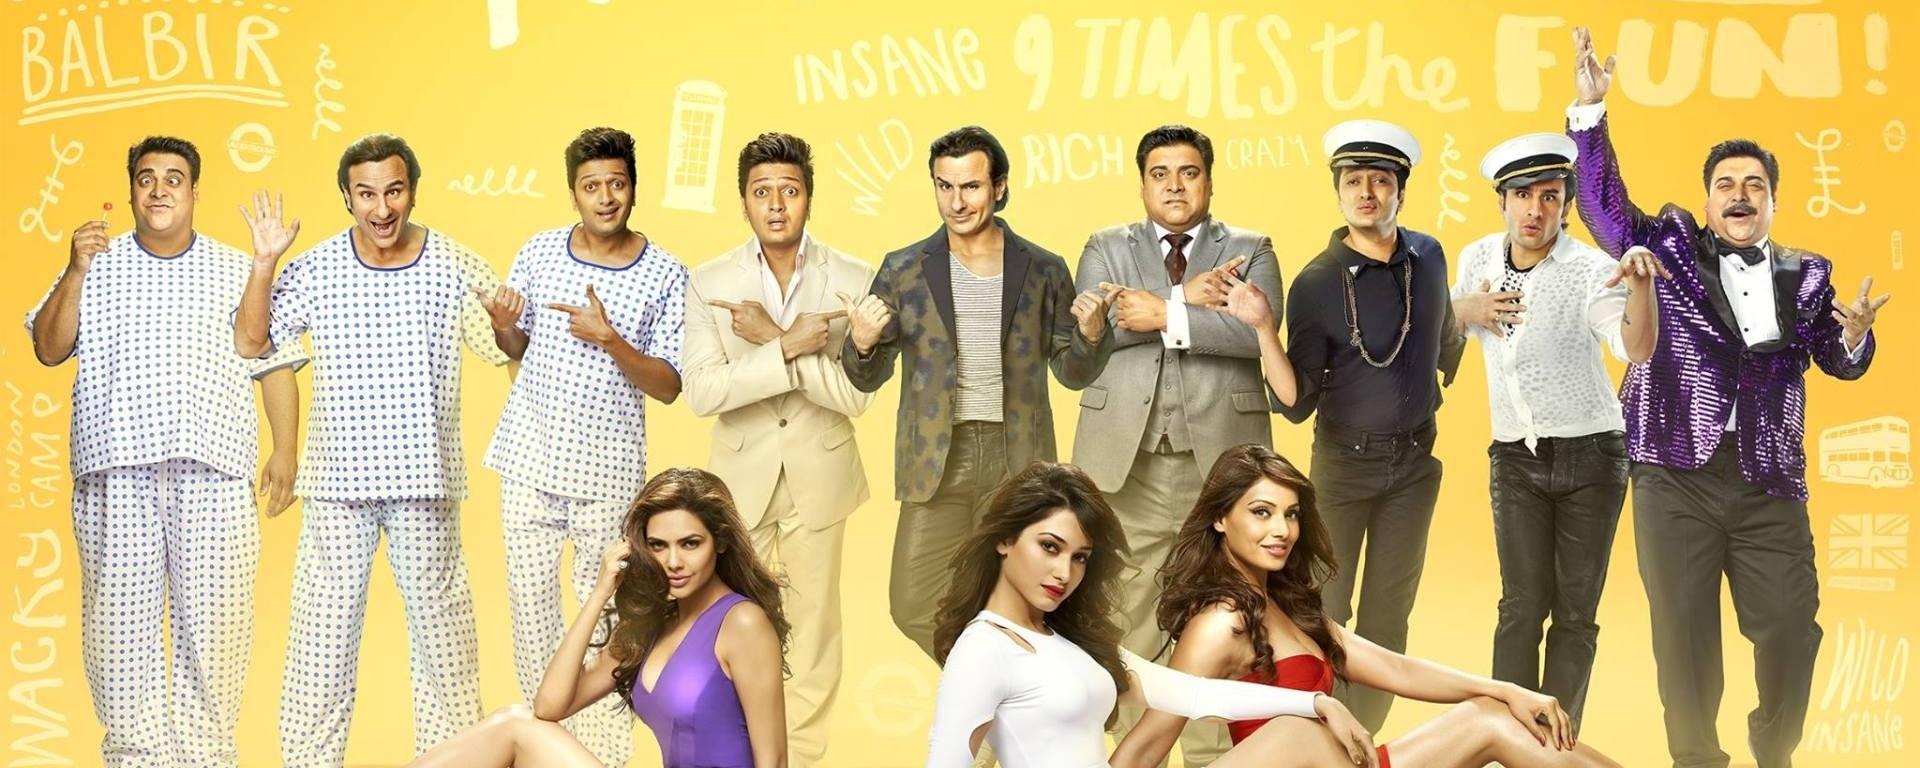 Humshakals Movie review